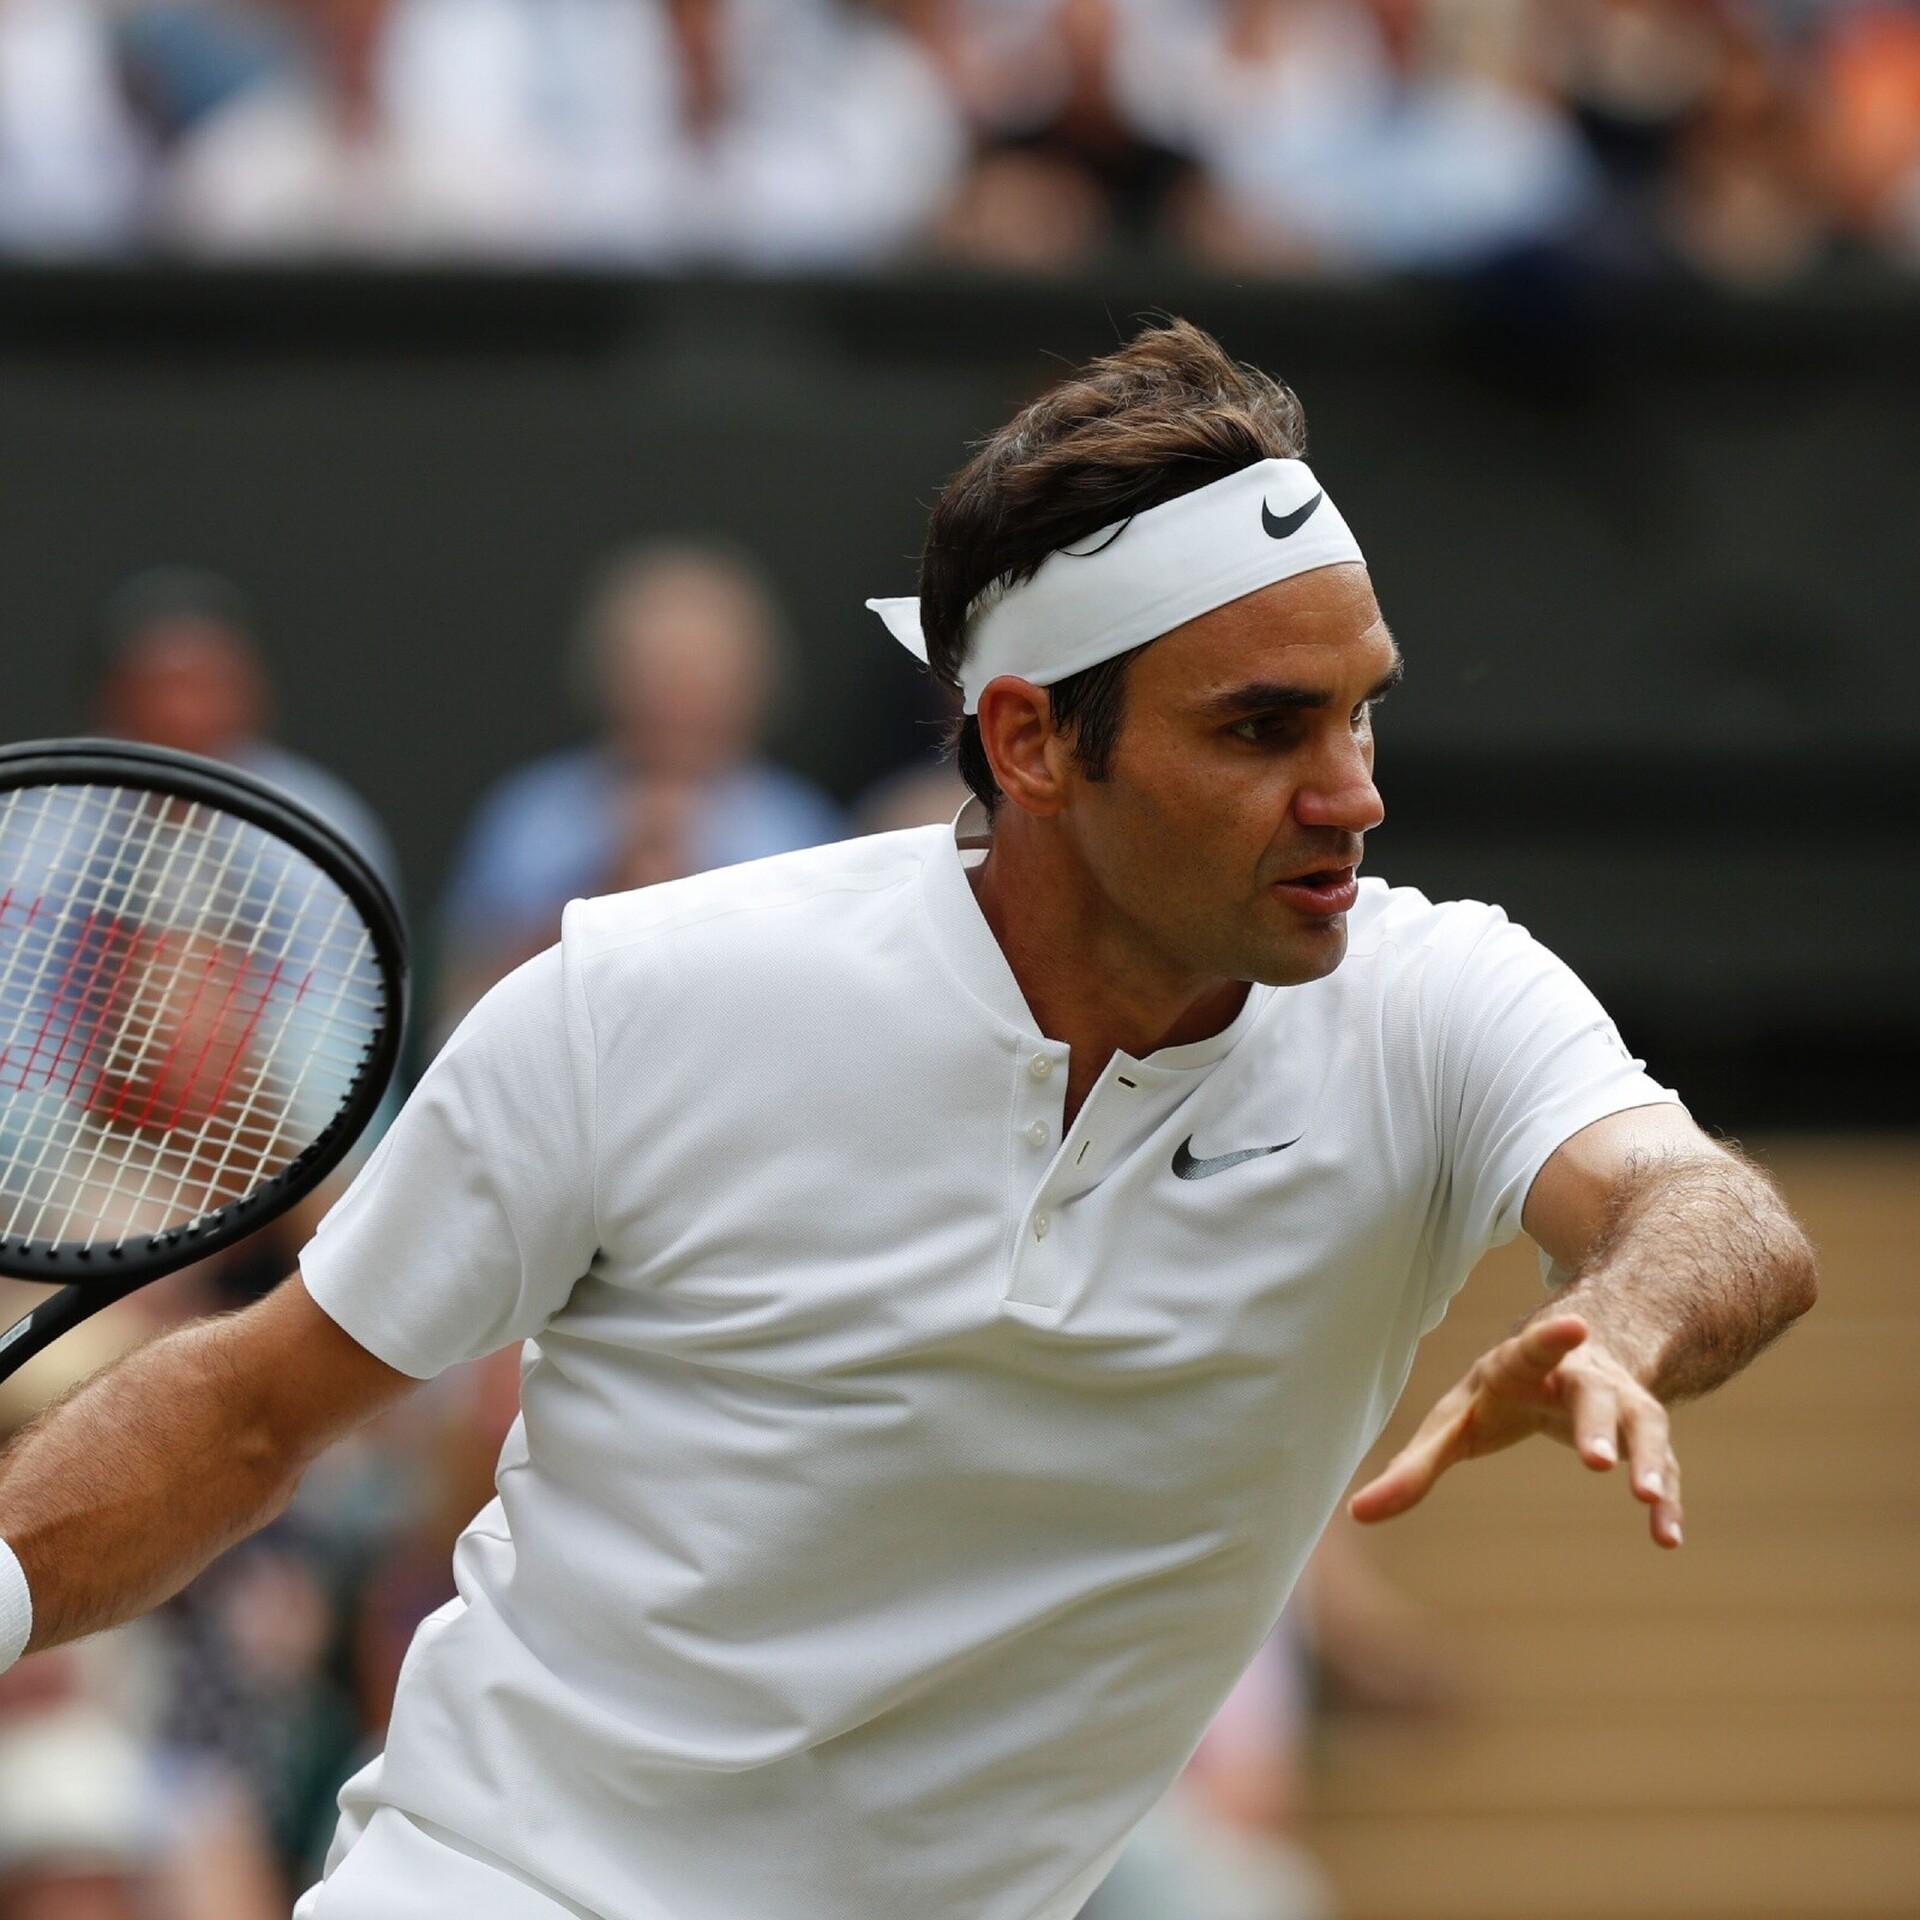 Бренд Федерера стал самым дорогим в мире спорта